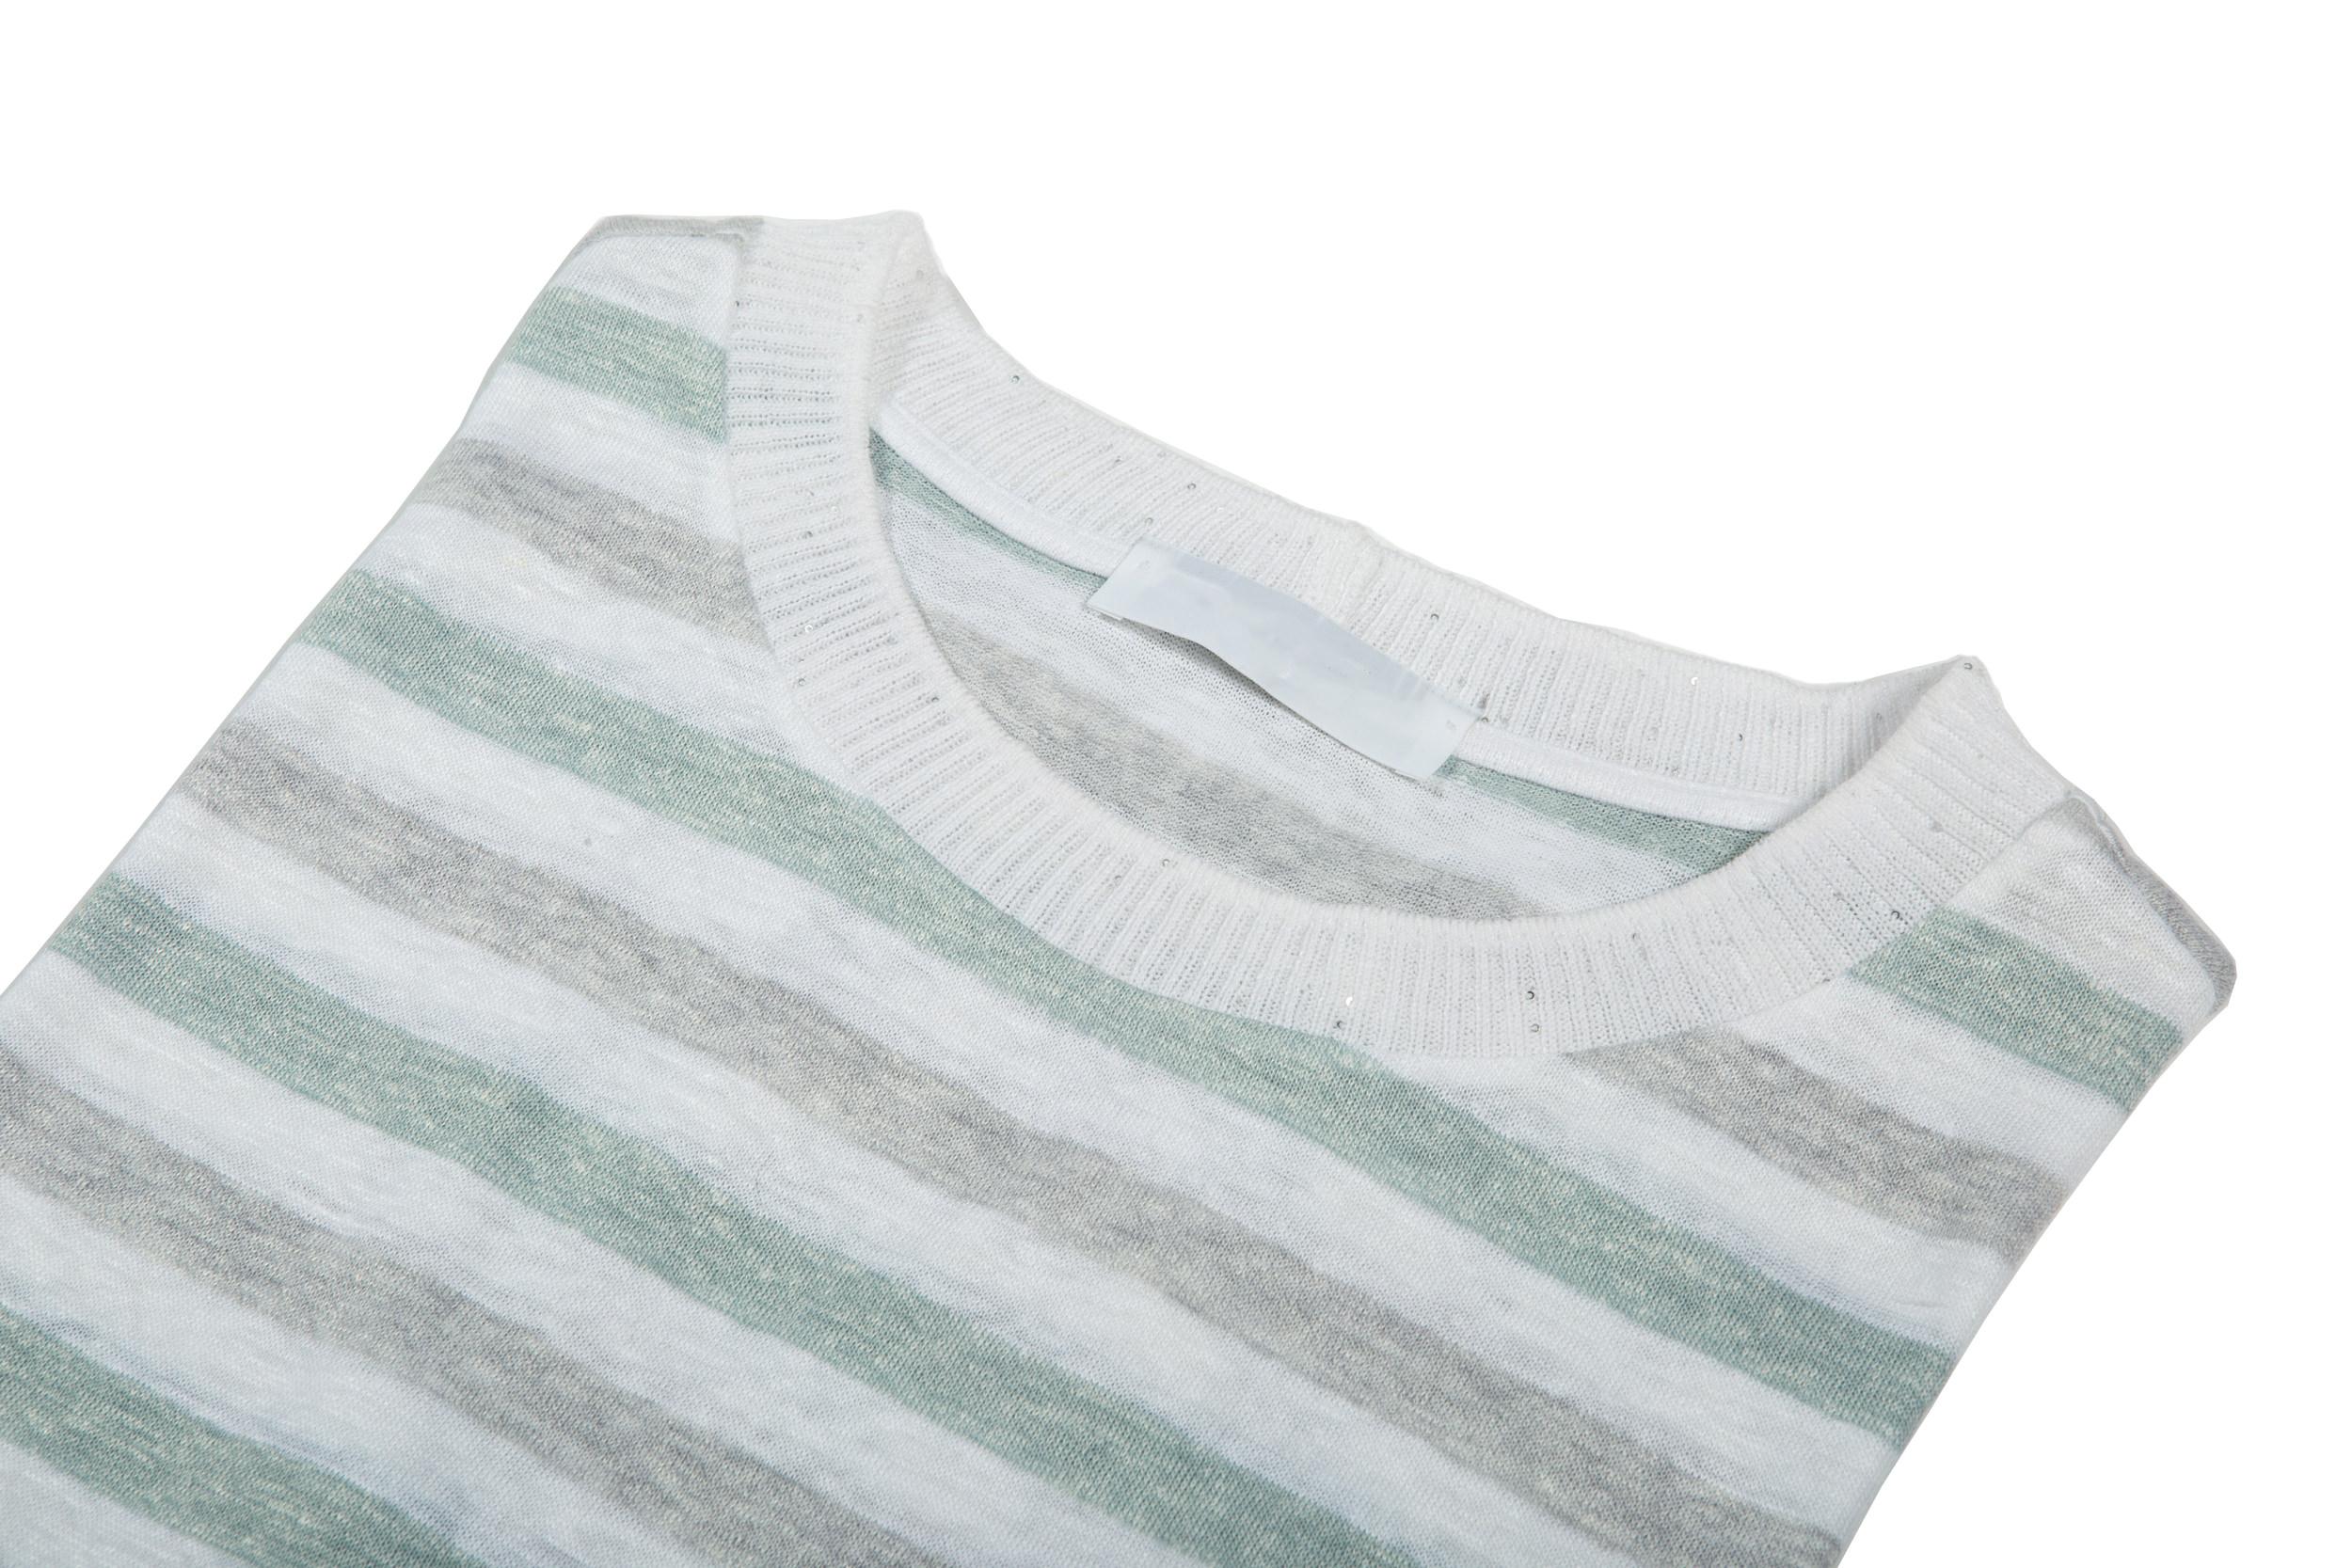 Dettaglio Girocollo donna cotone/lino rigato